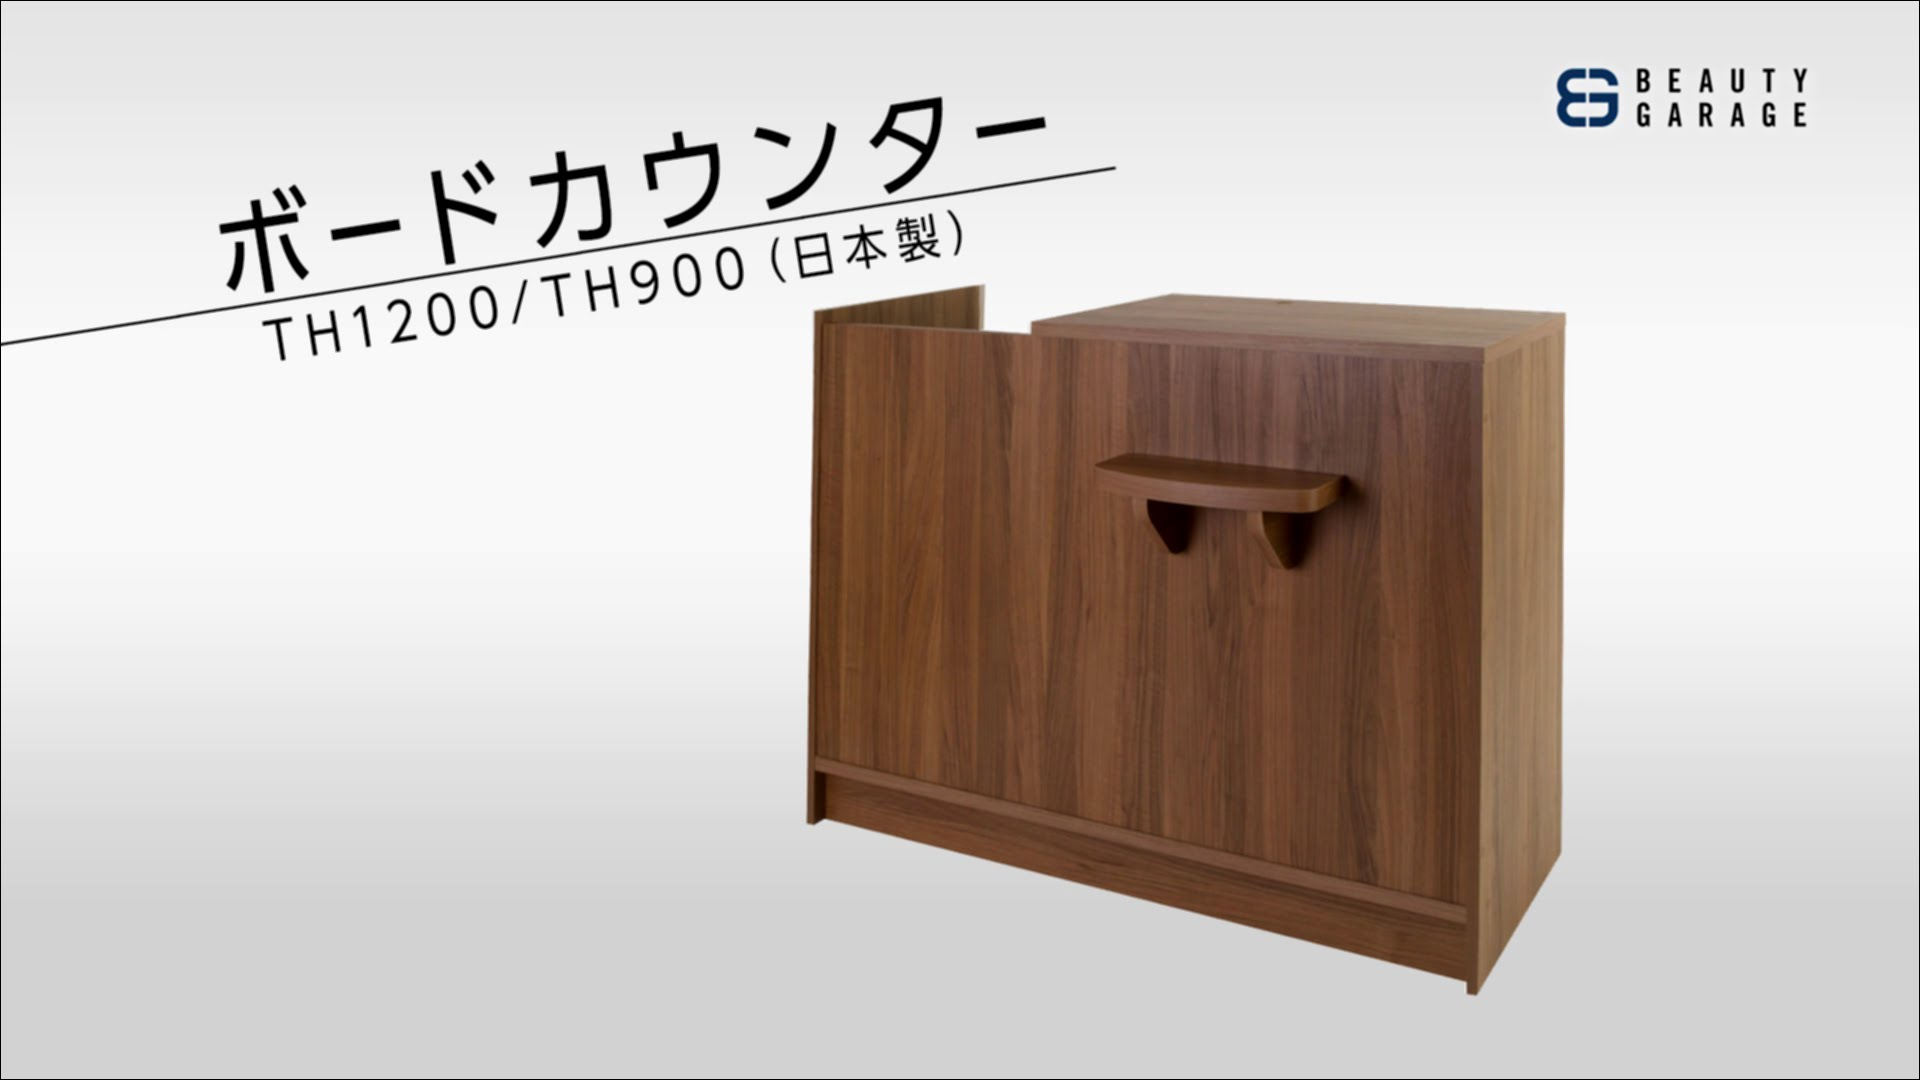 『ボードカウンター THシリーズ』商品説明